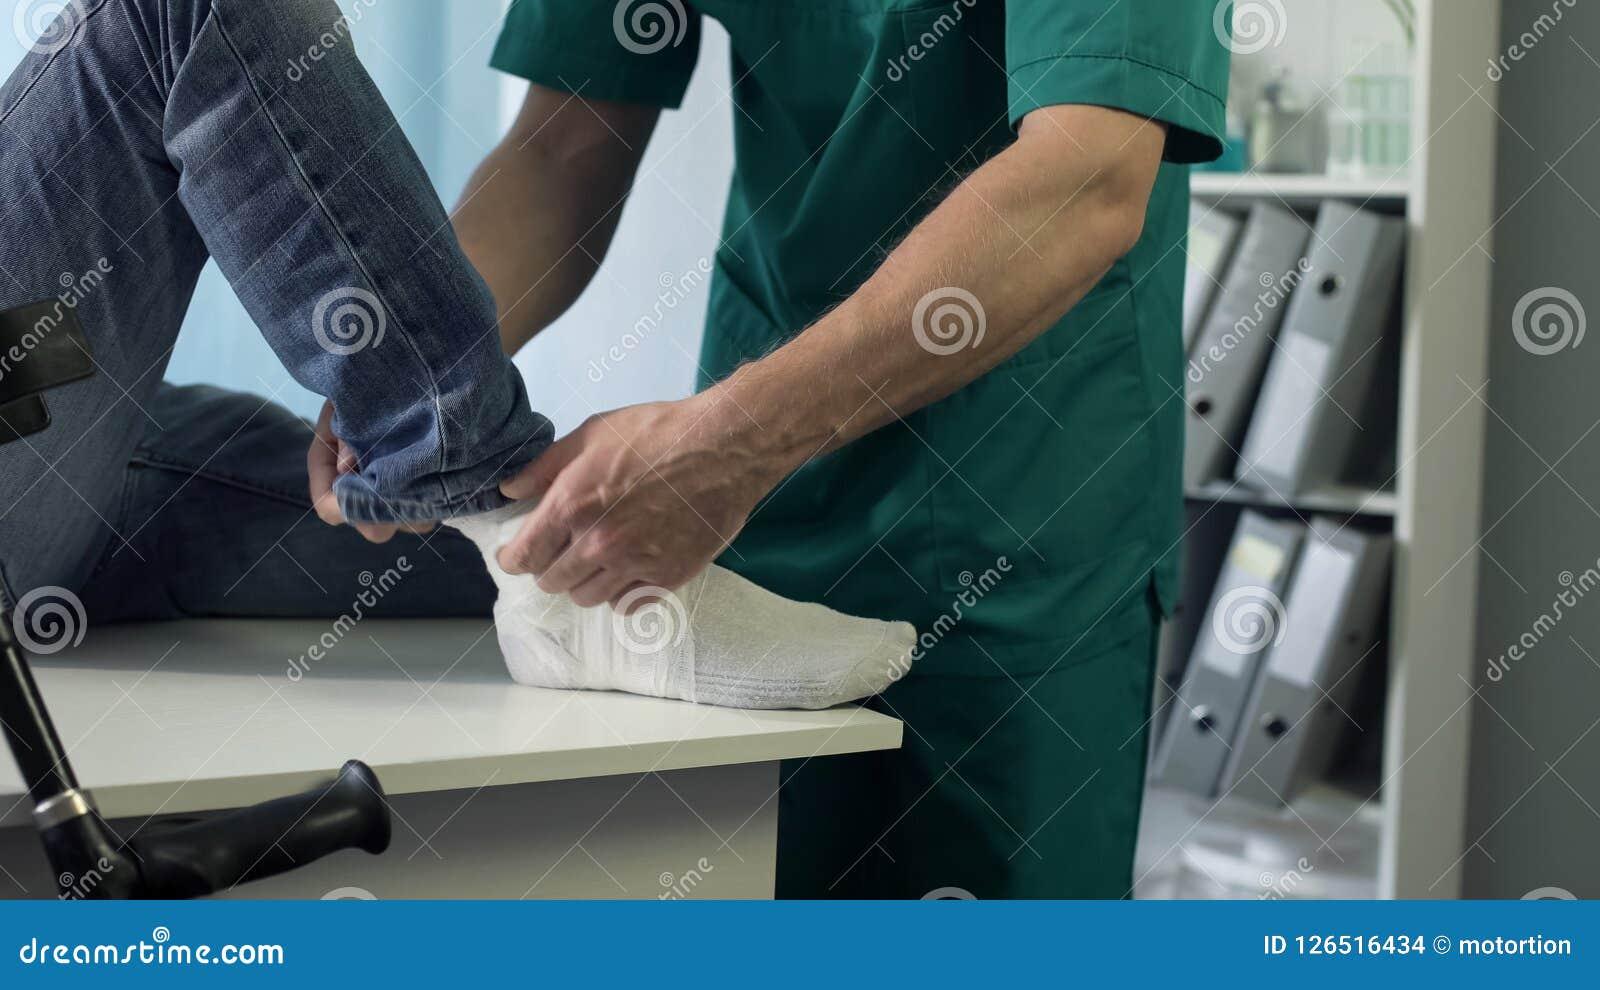 Terapista fisico che mette gesso fuso sulla gamba rotta dei pazienti, trattamento di trauma